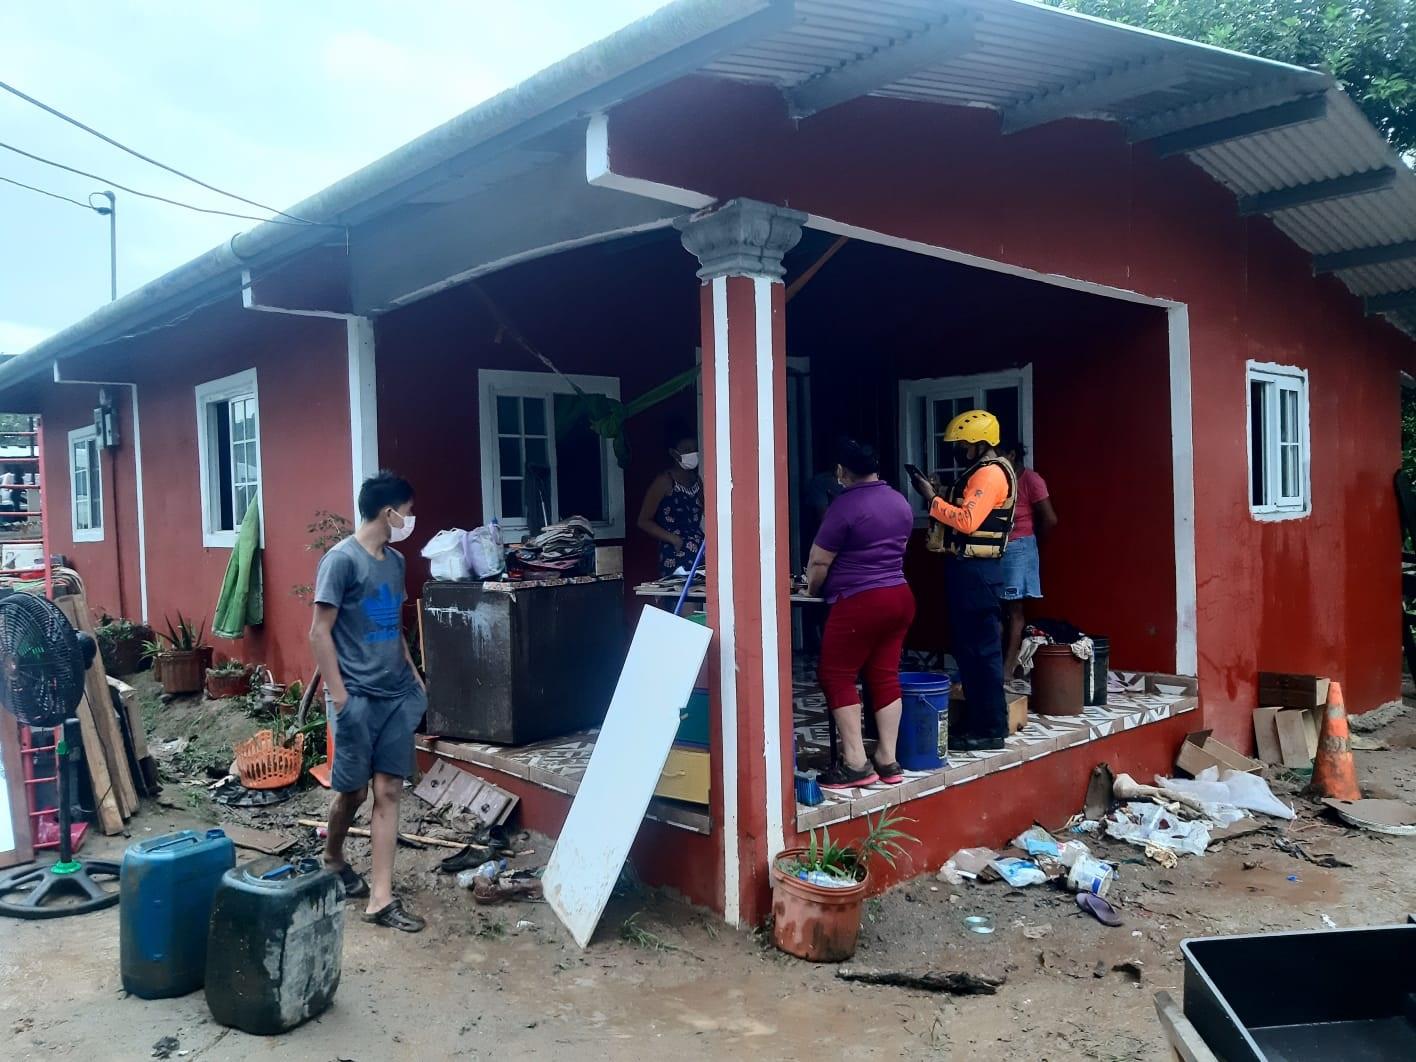 La Gobernación de Coclé y el Sinaproc están suministrando ayuda. Foto: Eric A. Montenegro